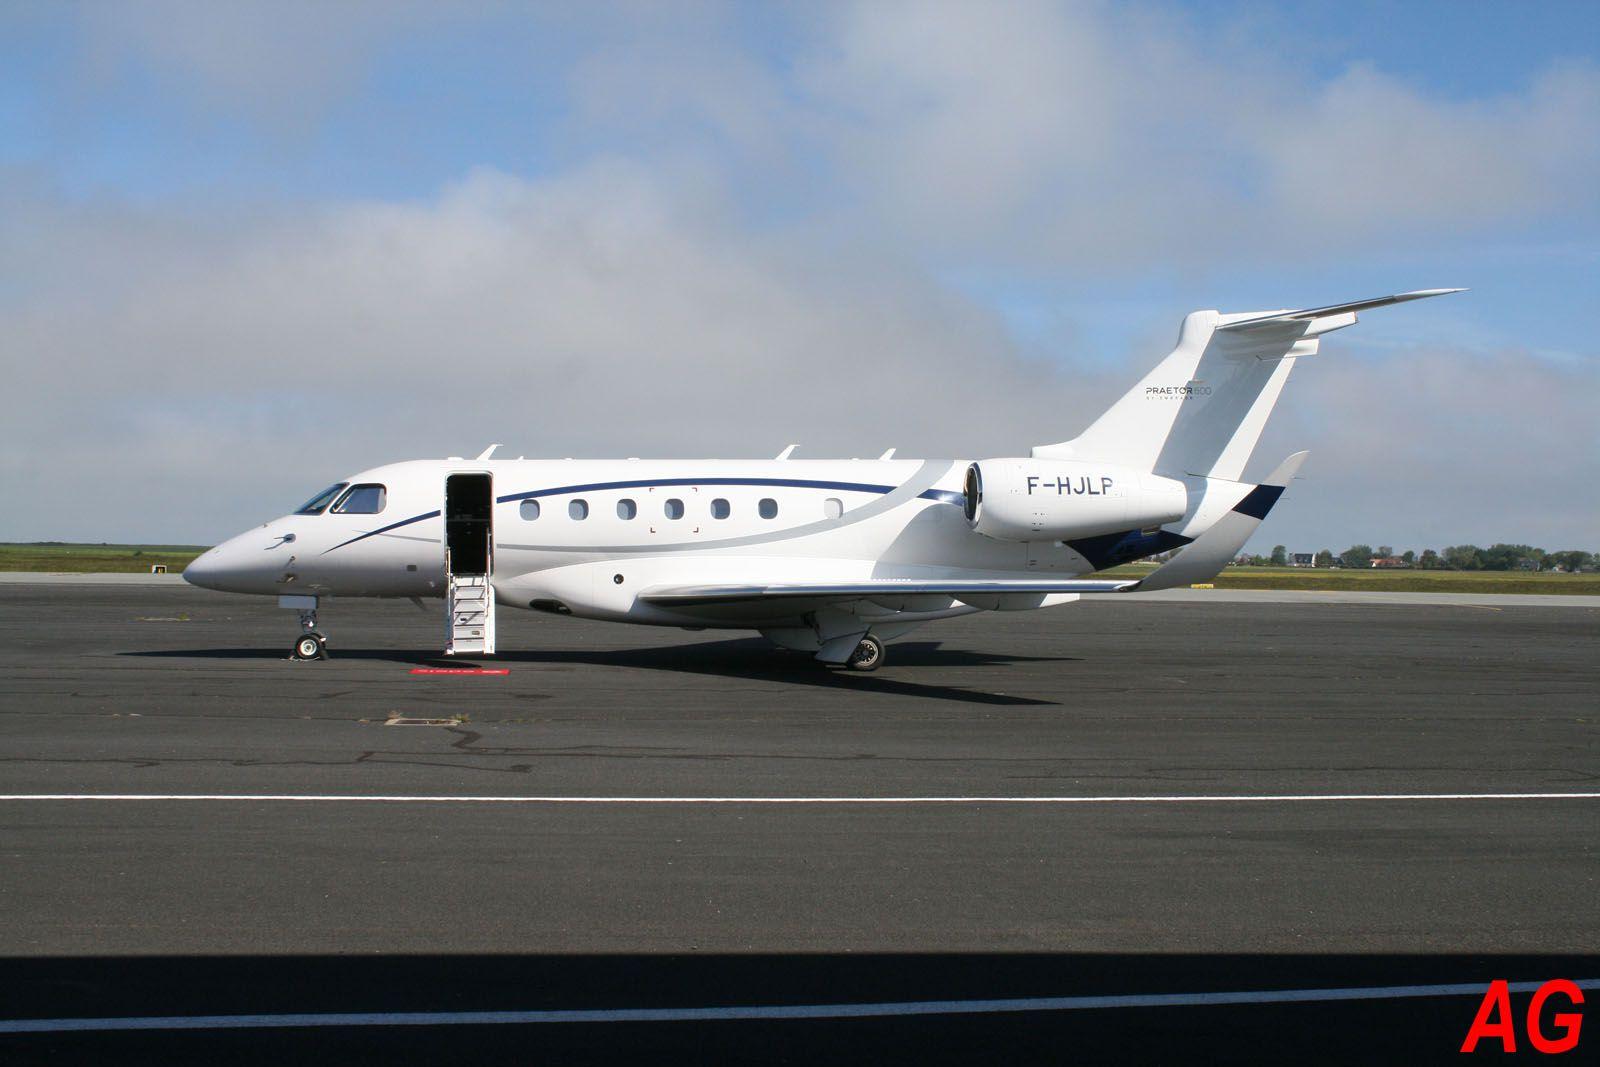 L'Embraer EMB-550 Praetor 600 F-HJLP de la compagnie Luxwing. A priori premier de ce type au Havre.